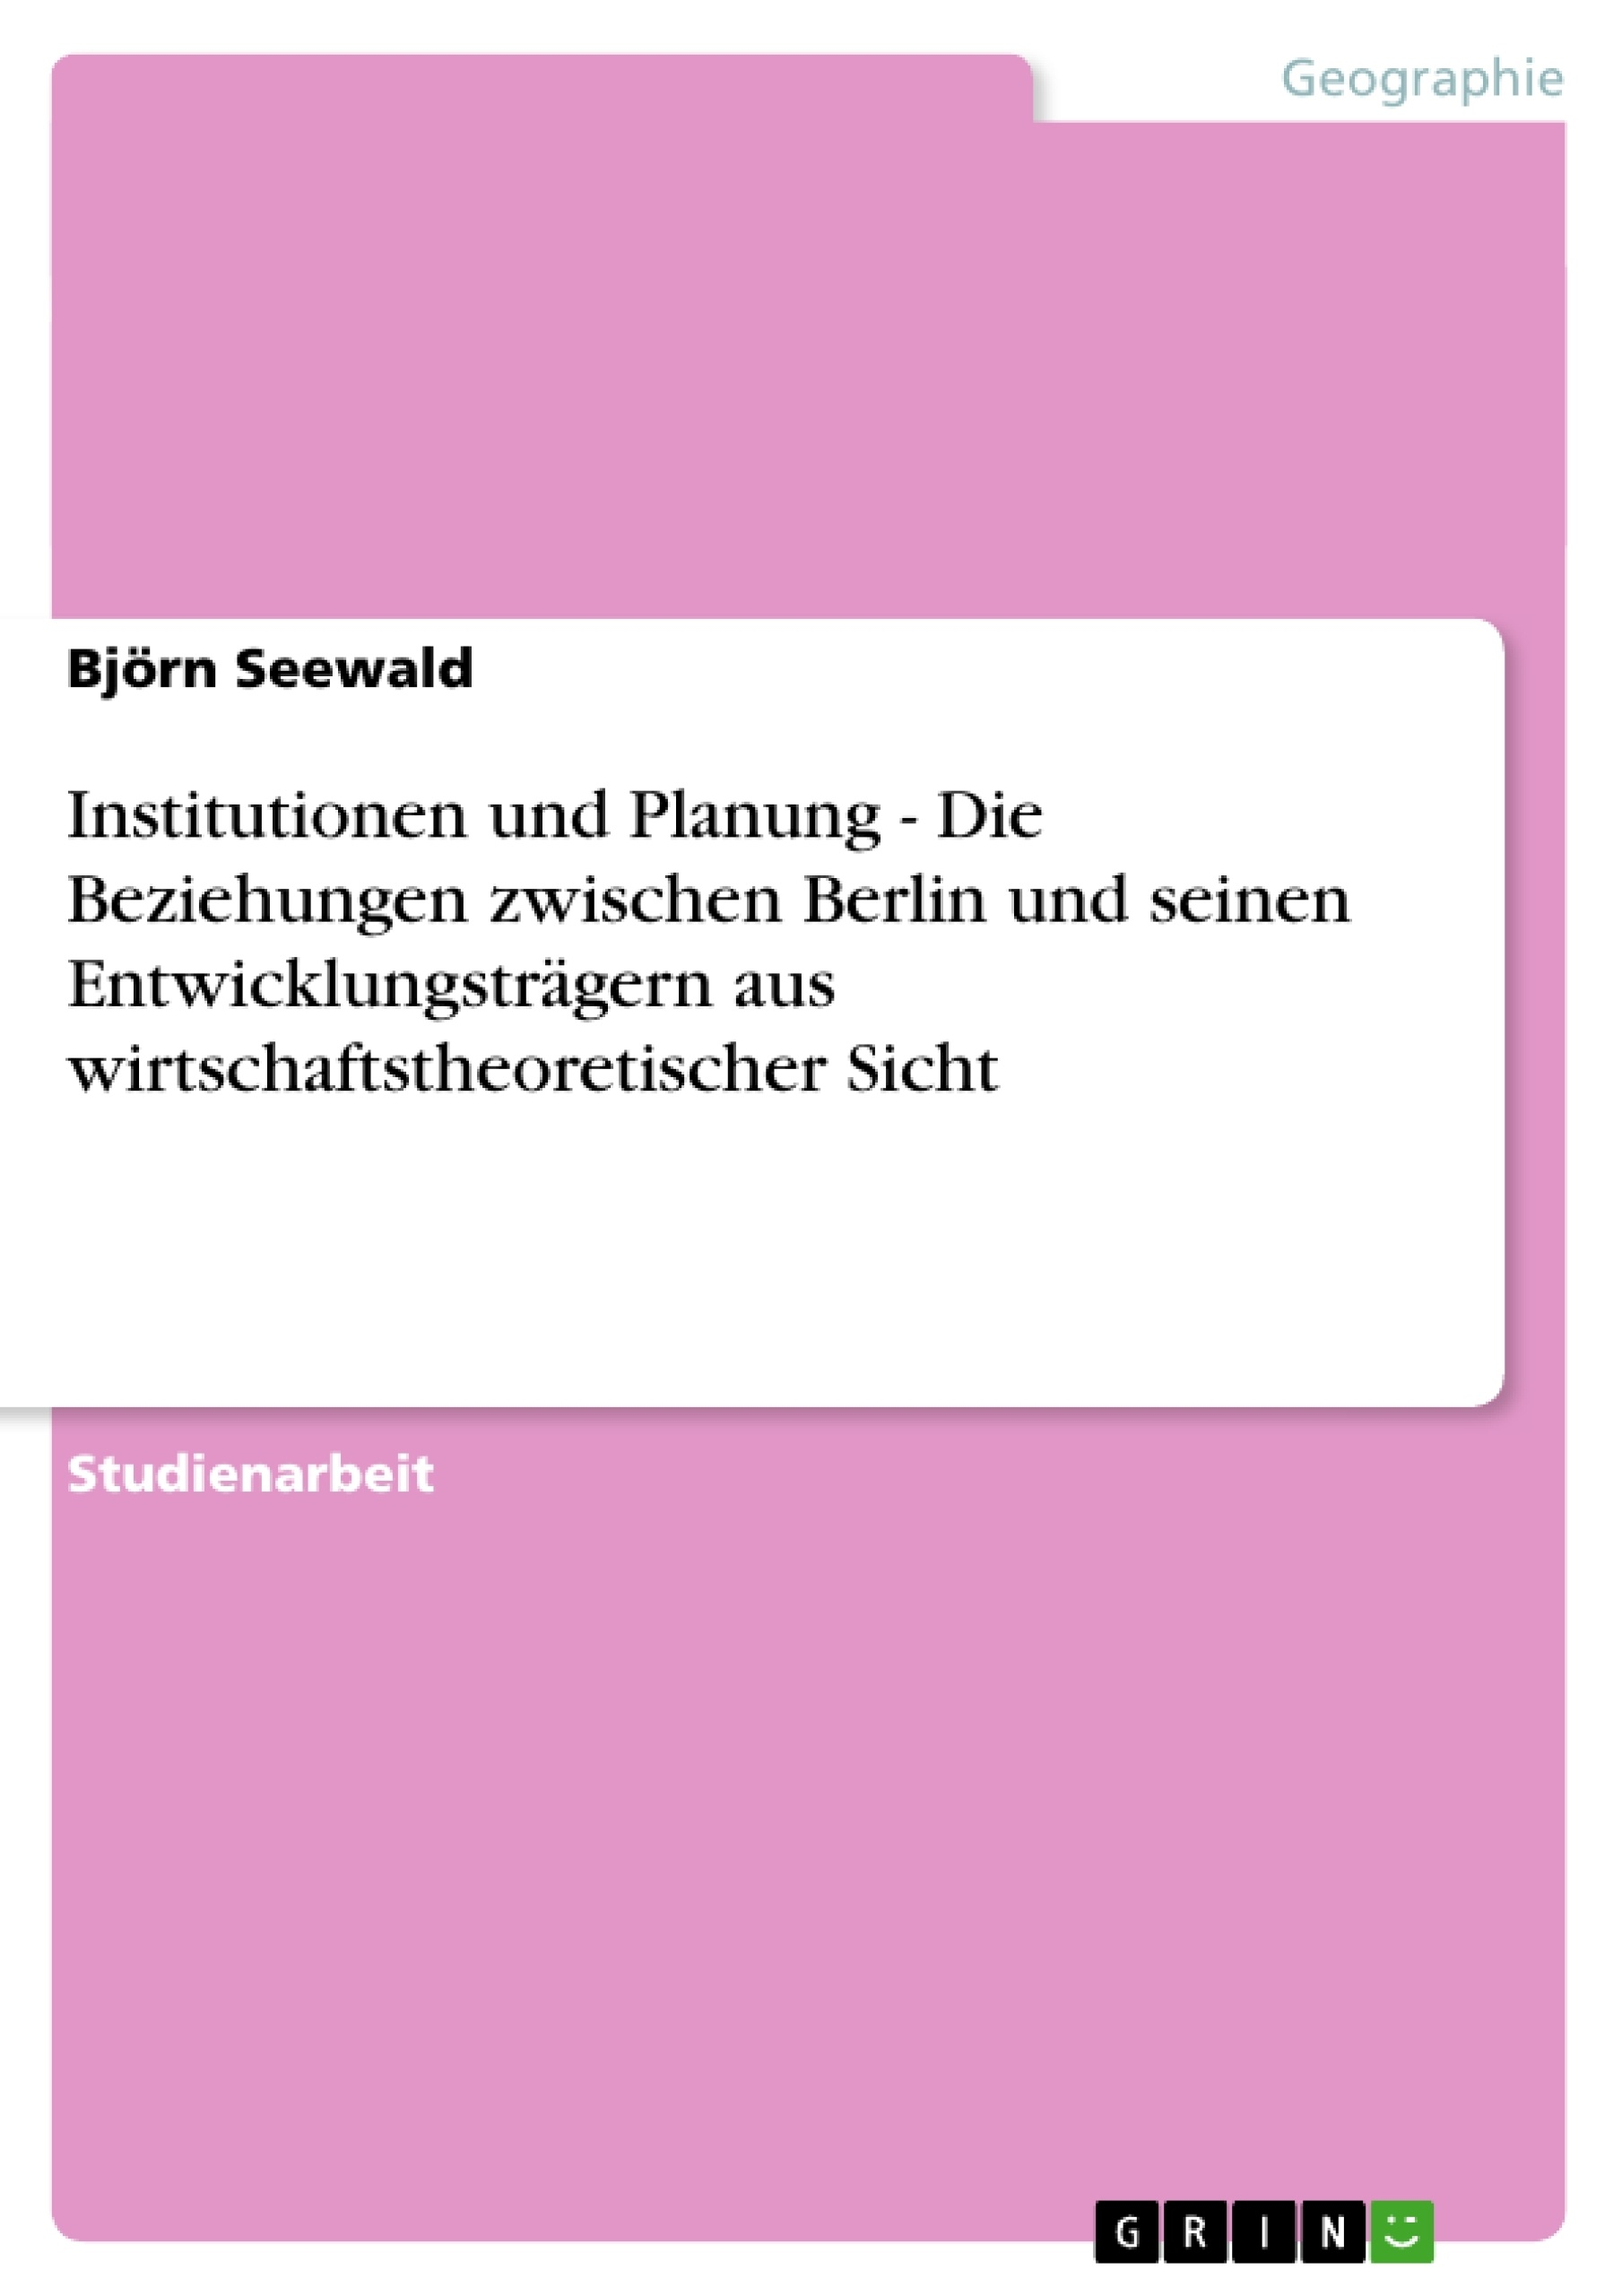 Titel: Institutionen und Planung - Die Beziehungen zwischen Berlin und seinen Entwicklungsträgern aus wirtschaftstheoretischer Sicht